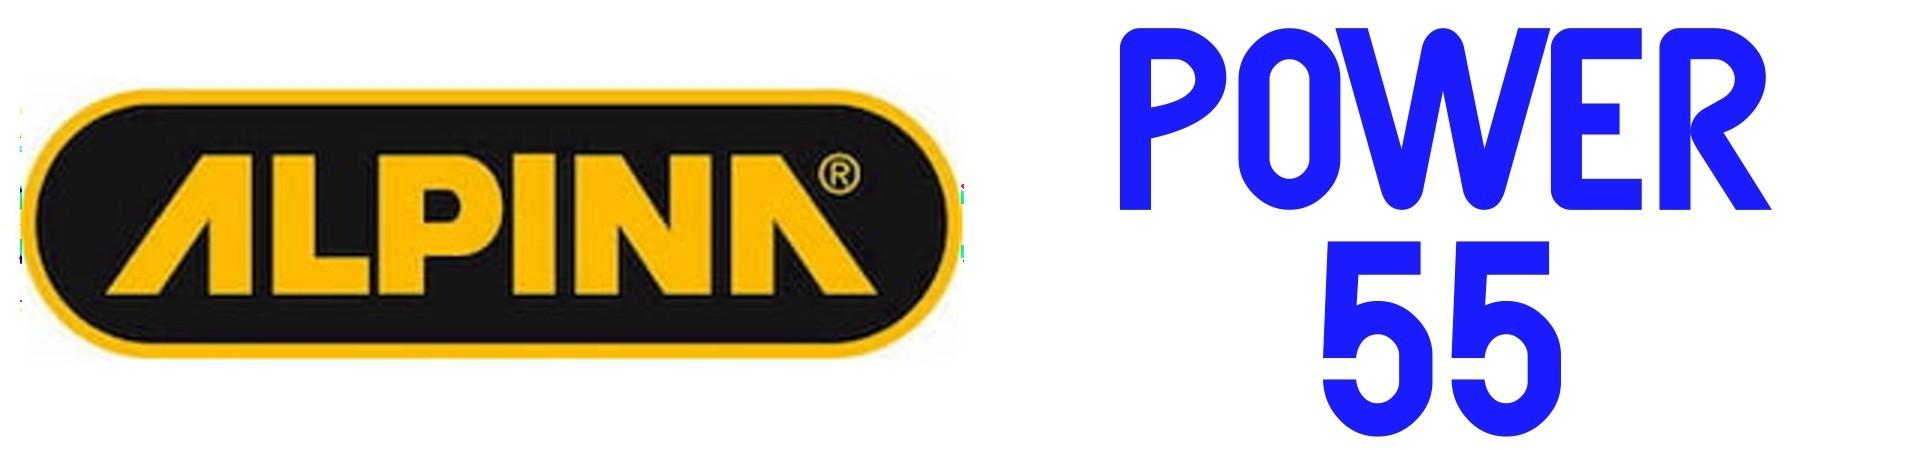 RECAMBIOS para Desbrozador Alpina POWER 55 con Mejor PRECIO del Mercado